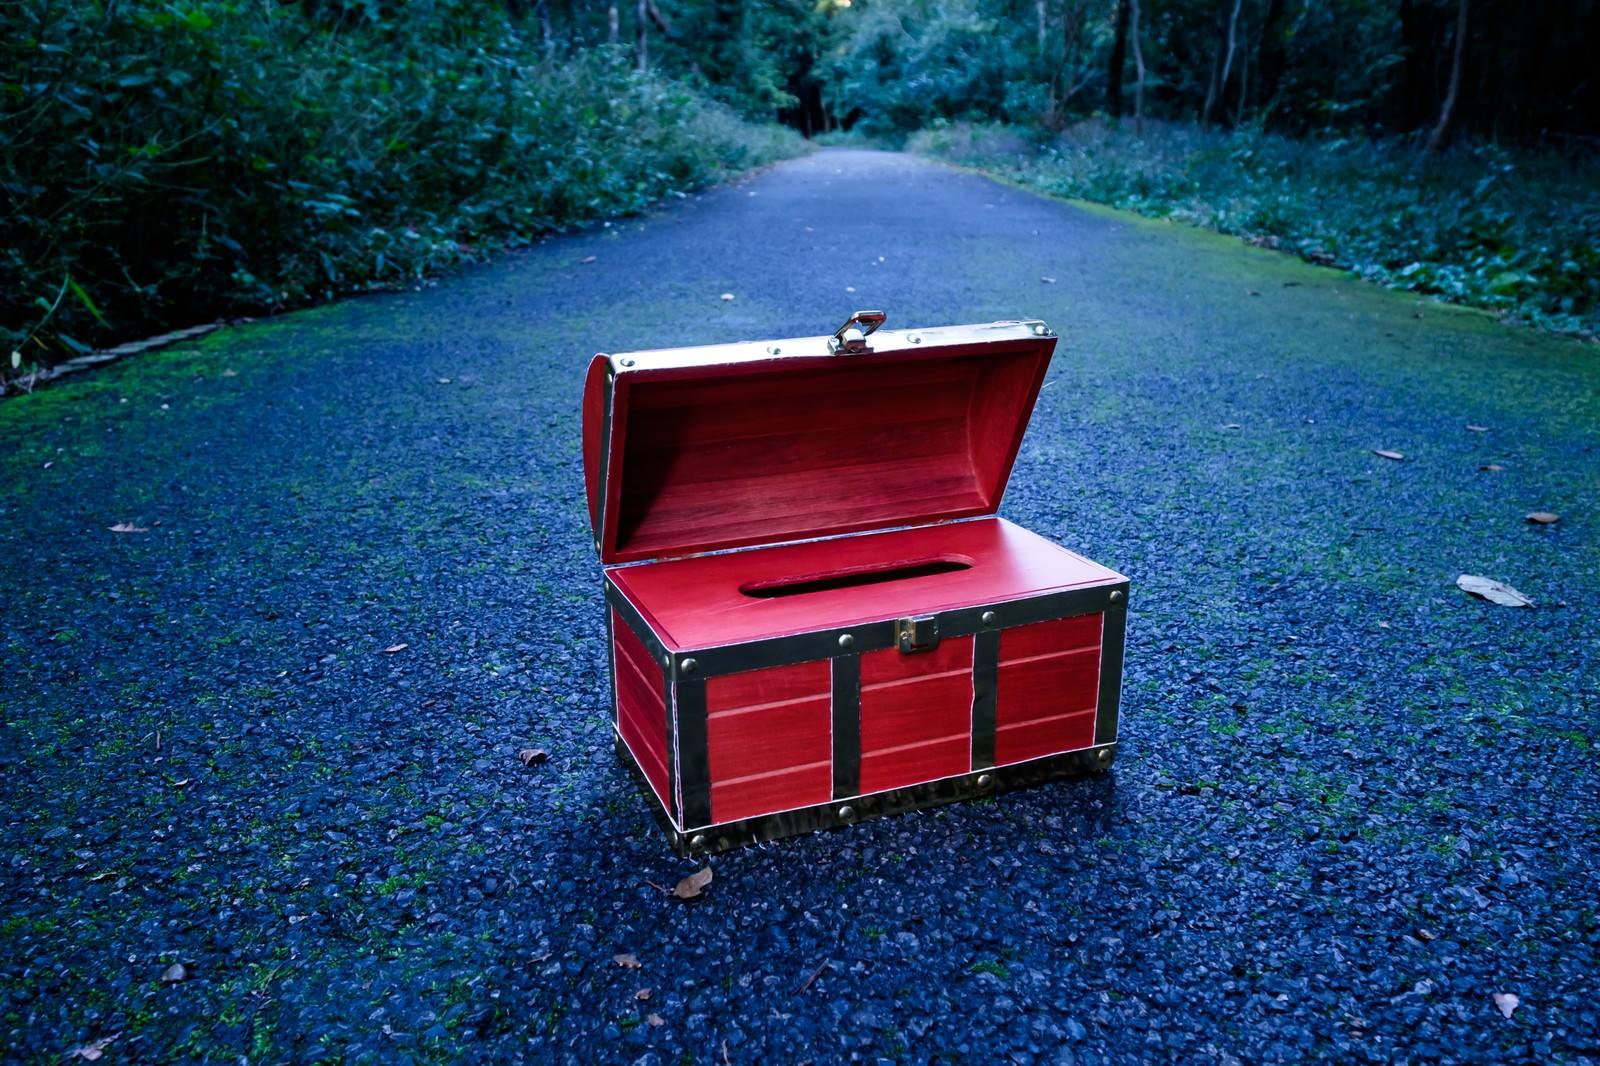 「宝箱(ティッシュケース) | 写真の無料素材・フリー素材 - ぱくたそ」の写真